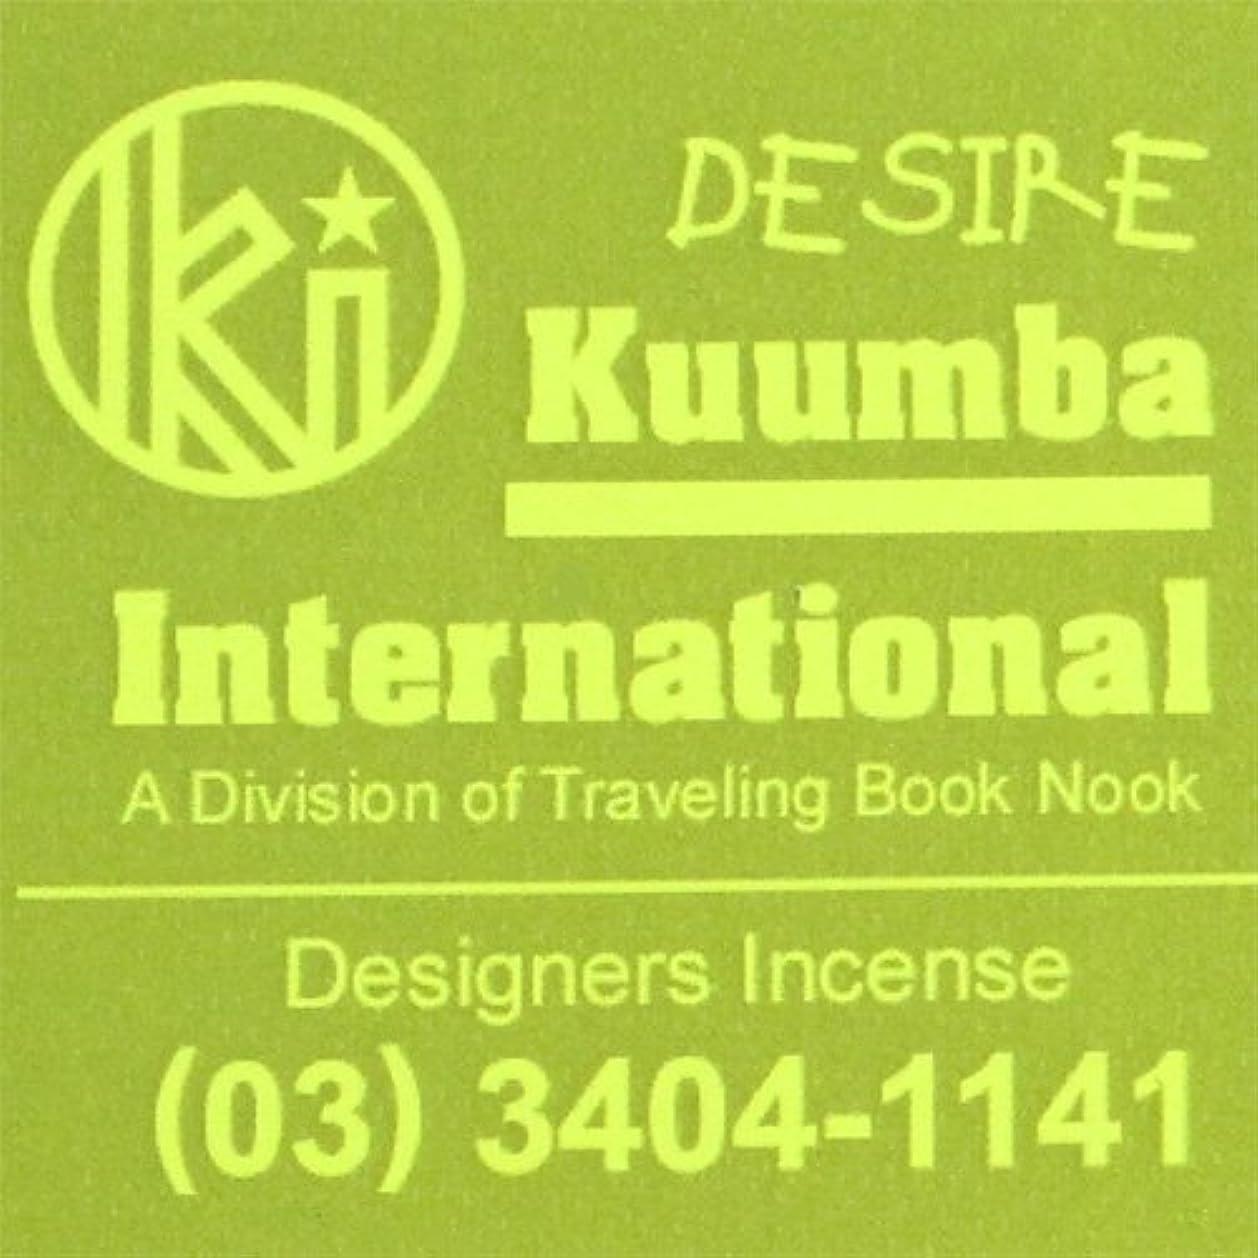 アクション会計士選択する(クンバ) KUUMBA『classic regular incense』(DESIRE) (Regular size)